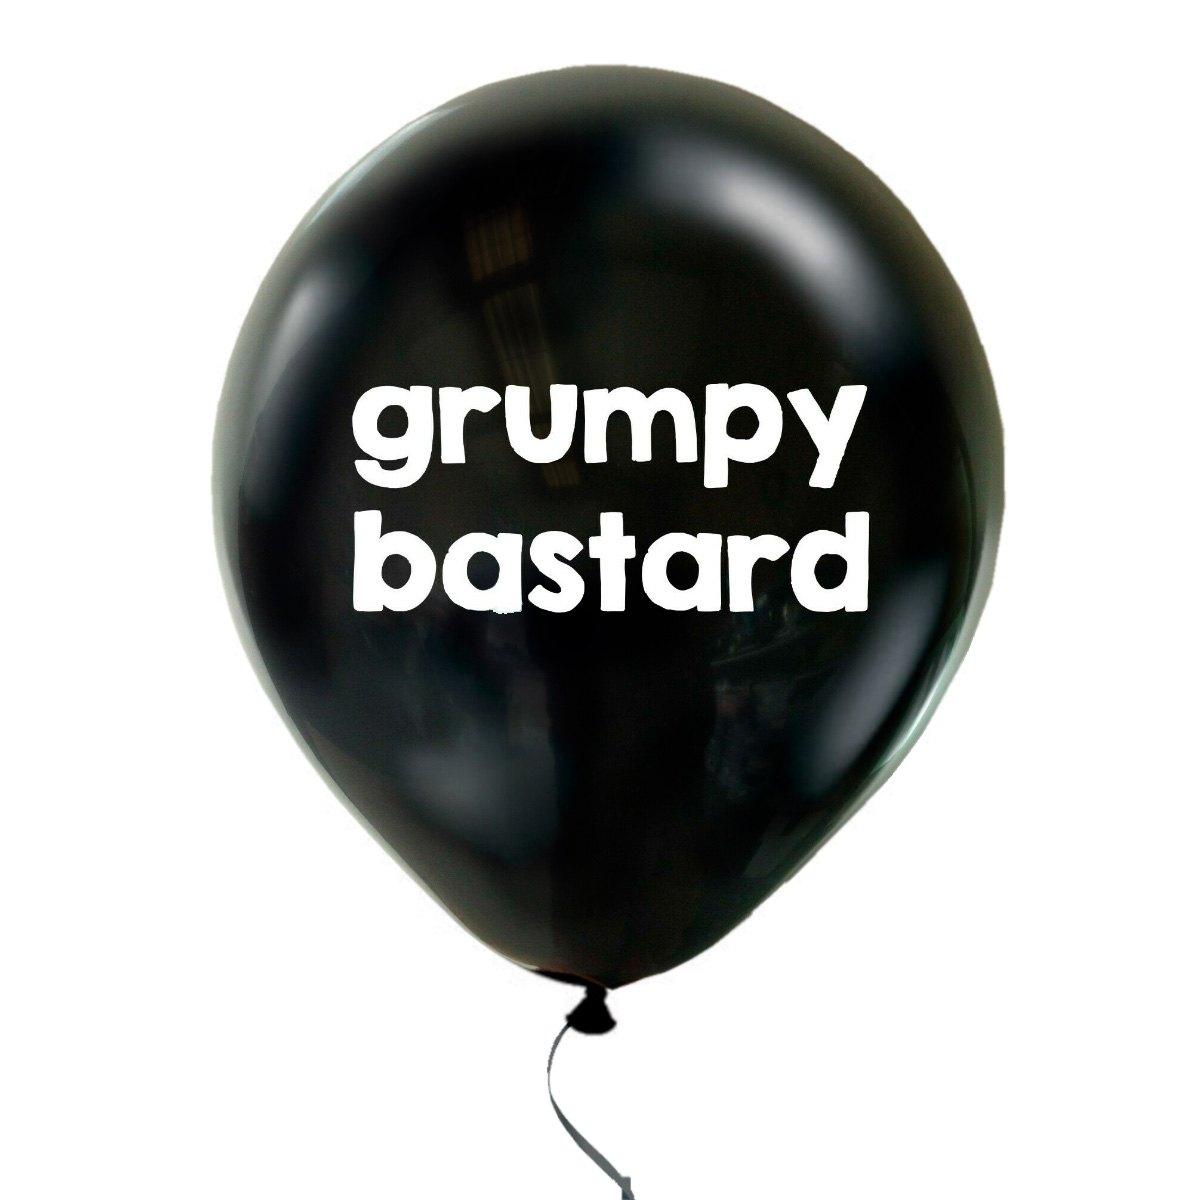 Hymy korvissa ilmapallo Paskakauppa Grumpy bastard